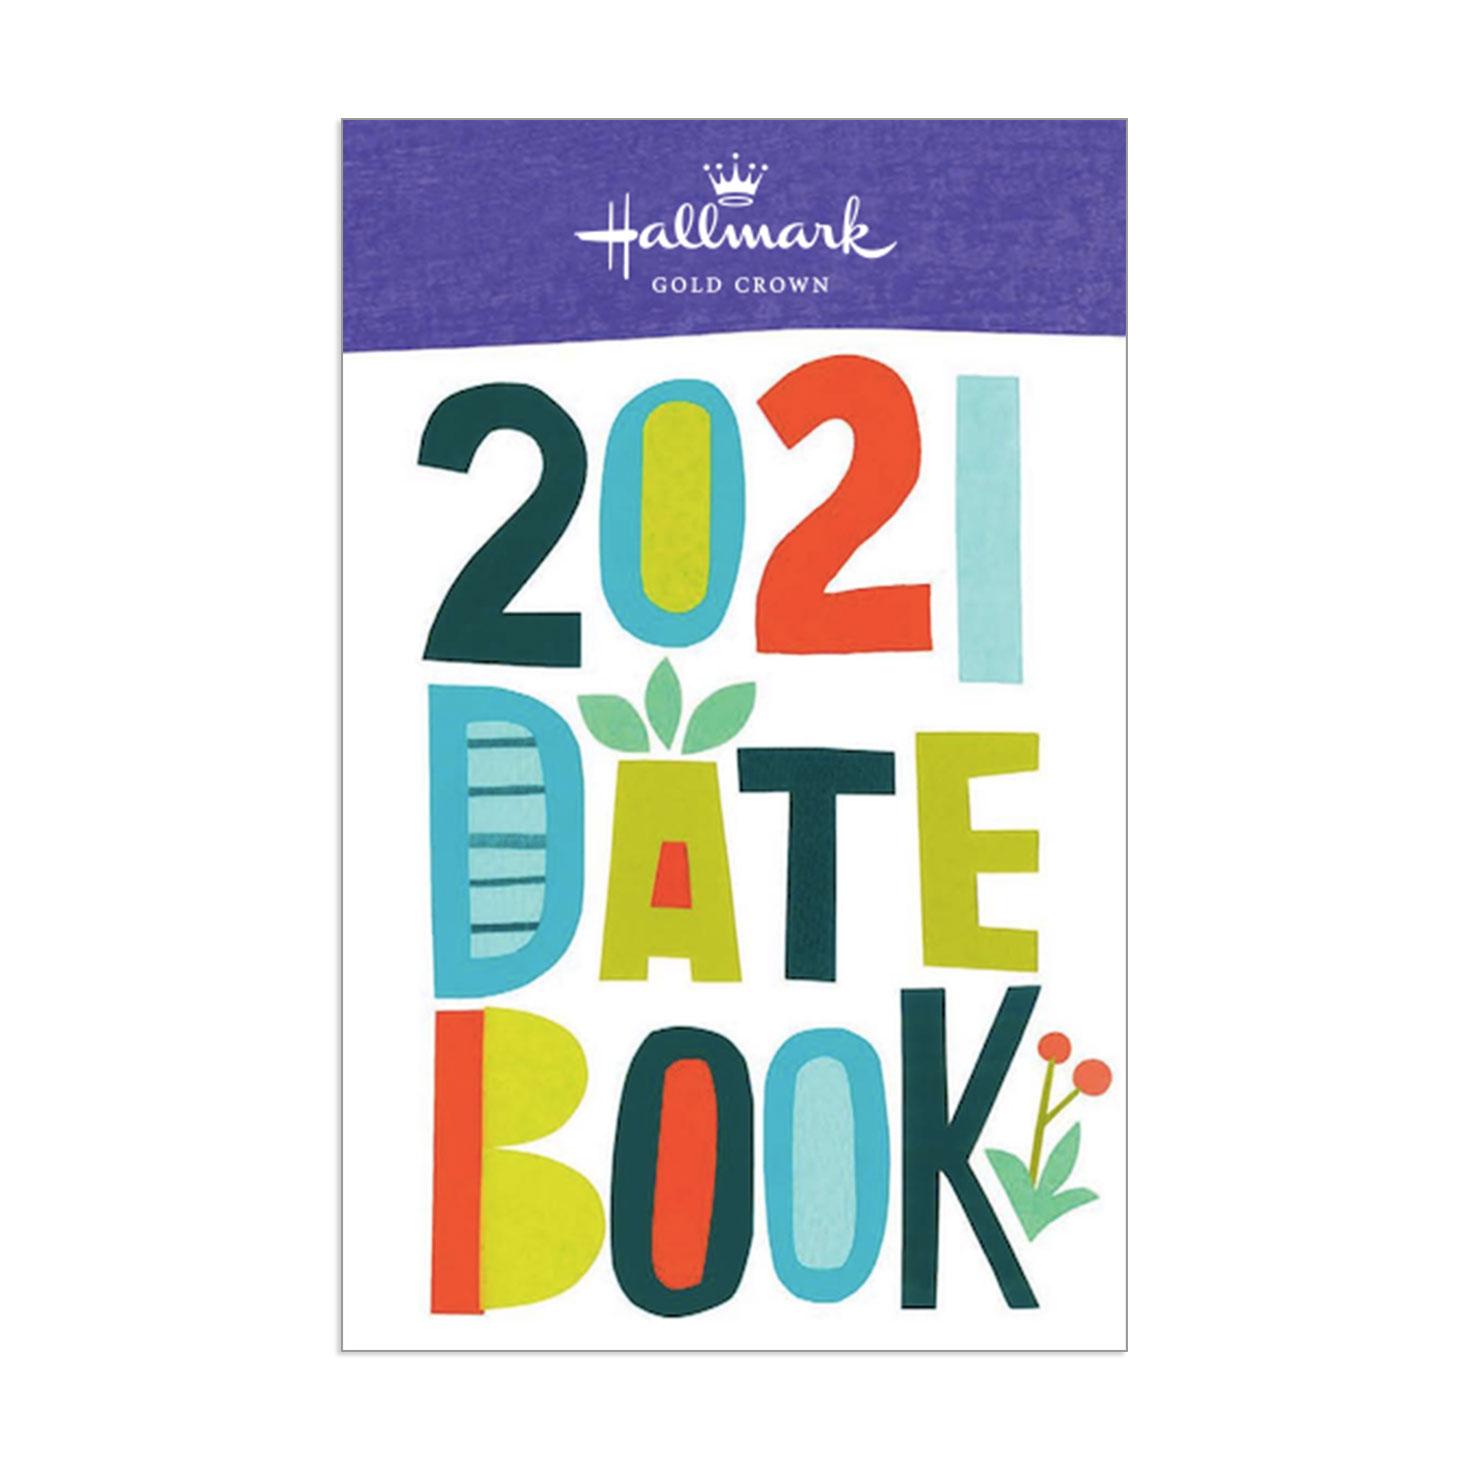 2021 Hallmark Datebook